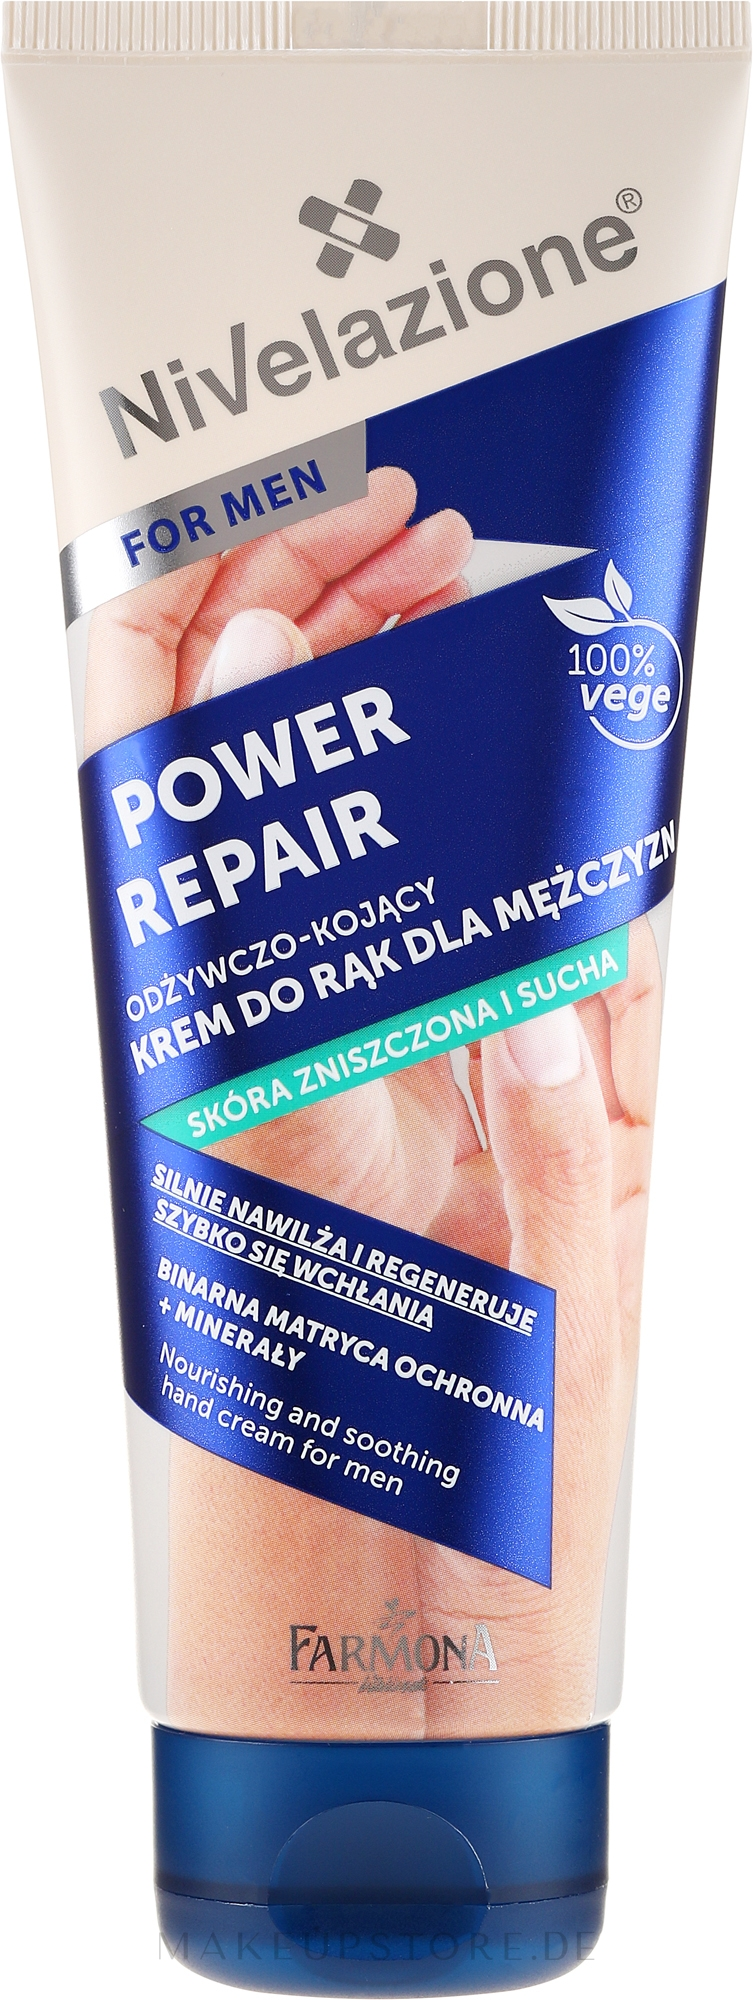 """Pflegende und beruhigende Handcreme """"Power Repair"""" für Männer - Farmona Nivelazione Power Repair Nourishing And Soothing Hand Cream For Men — Bild 100 ml"""